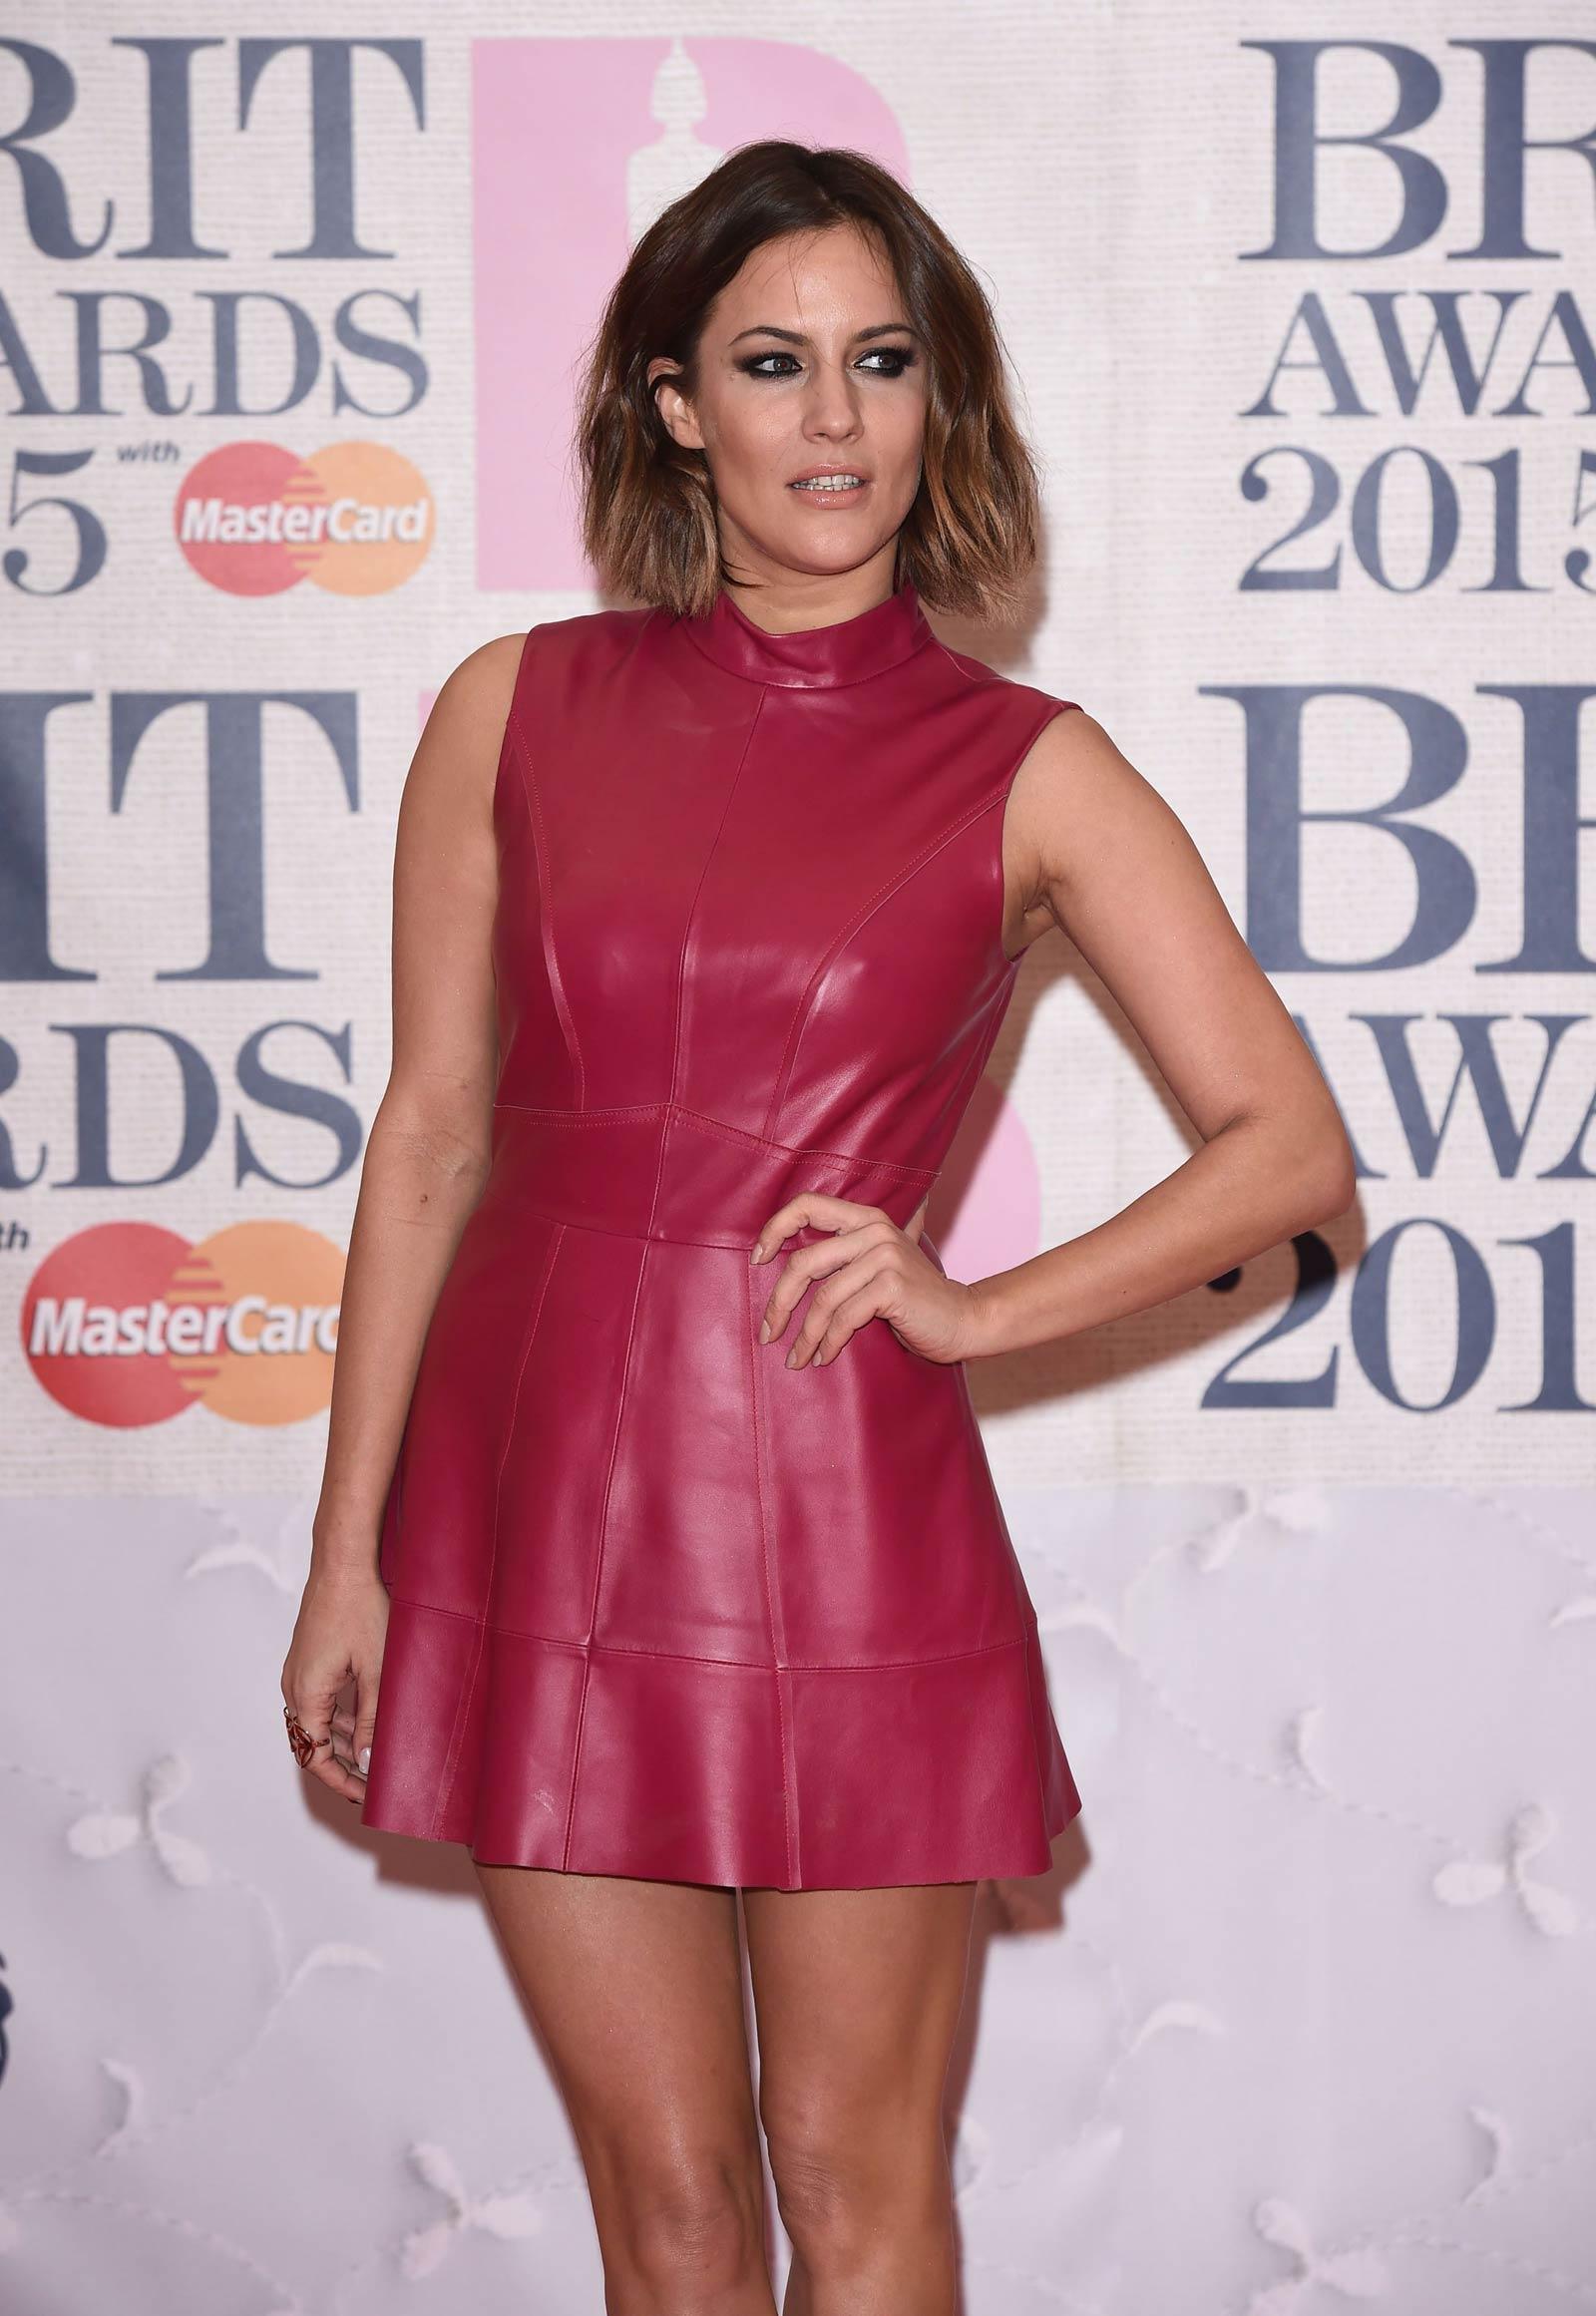 Caroline Flack attends The BRIT Awards 2015